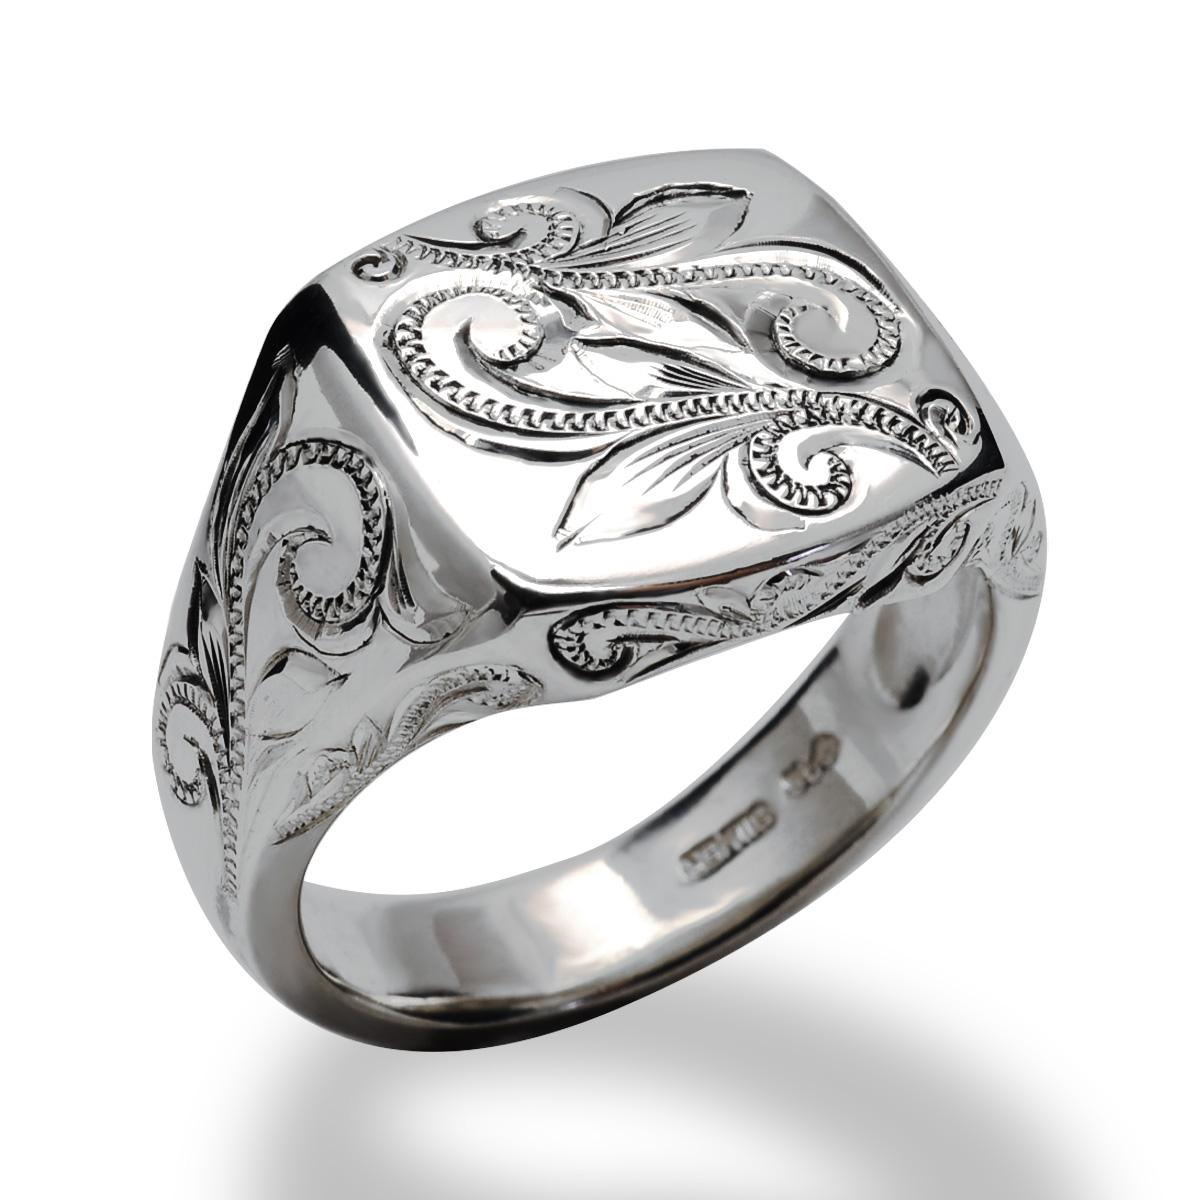 ハワイアンジュエリー シルバー925 SILVER925 silver925 リング 指輪 レディース 女性 メンズ 男性(Weliana) スクロール シグネットリング wri1464/新作 プレゼント ギフト新作